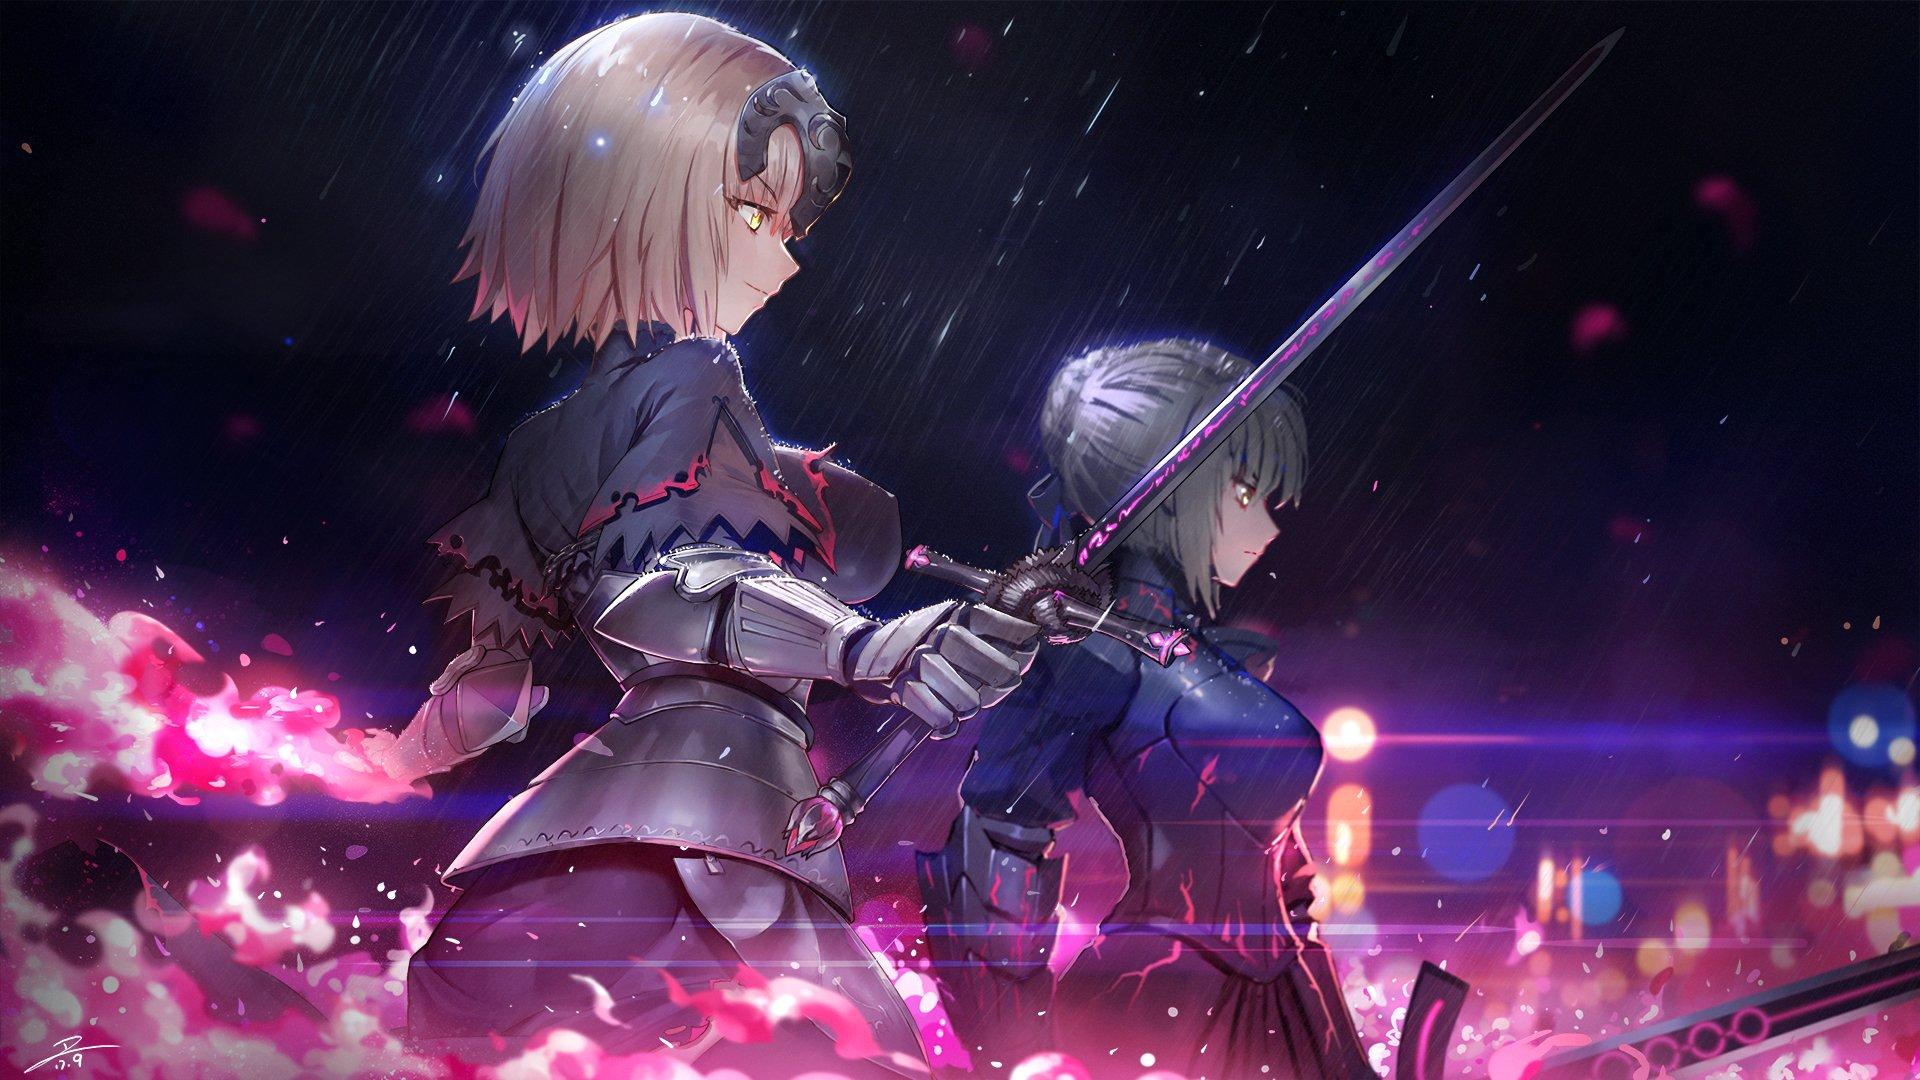 Fondos de pantalla Anime Fate Grand Order